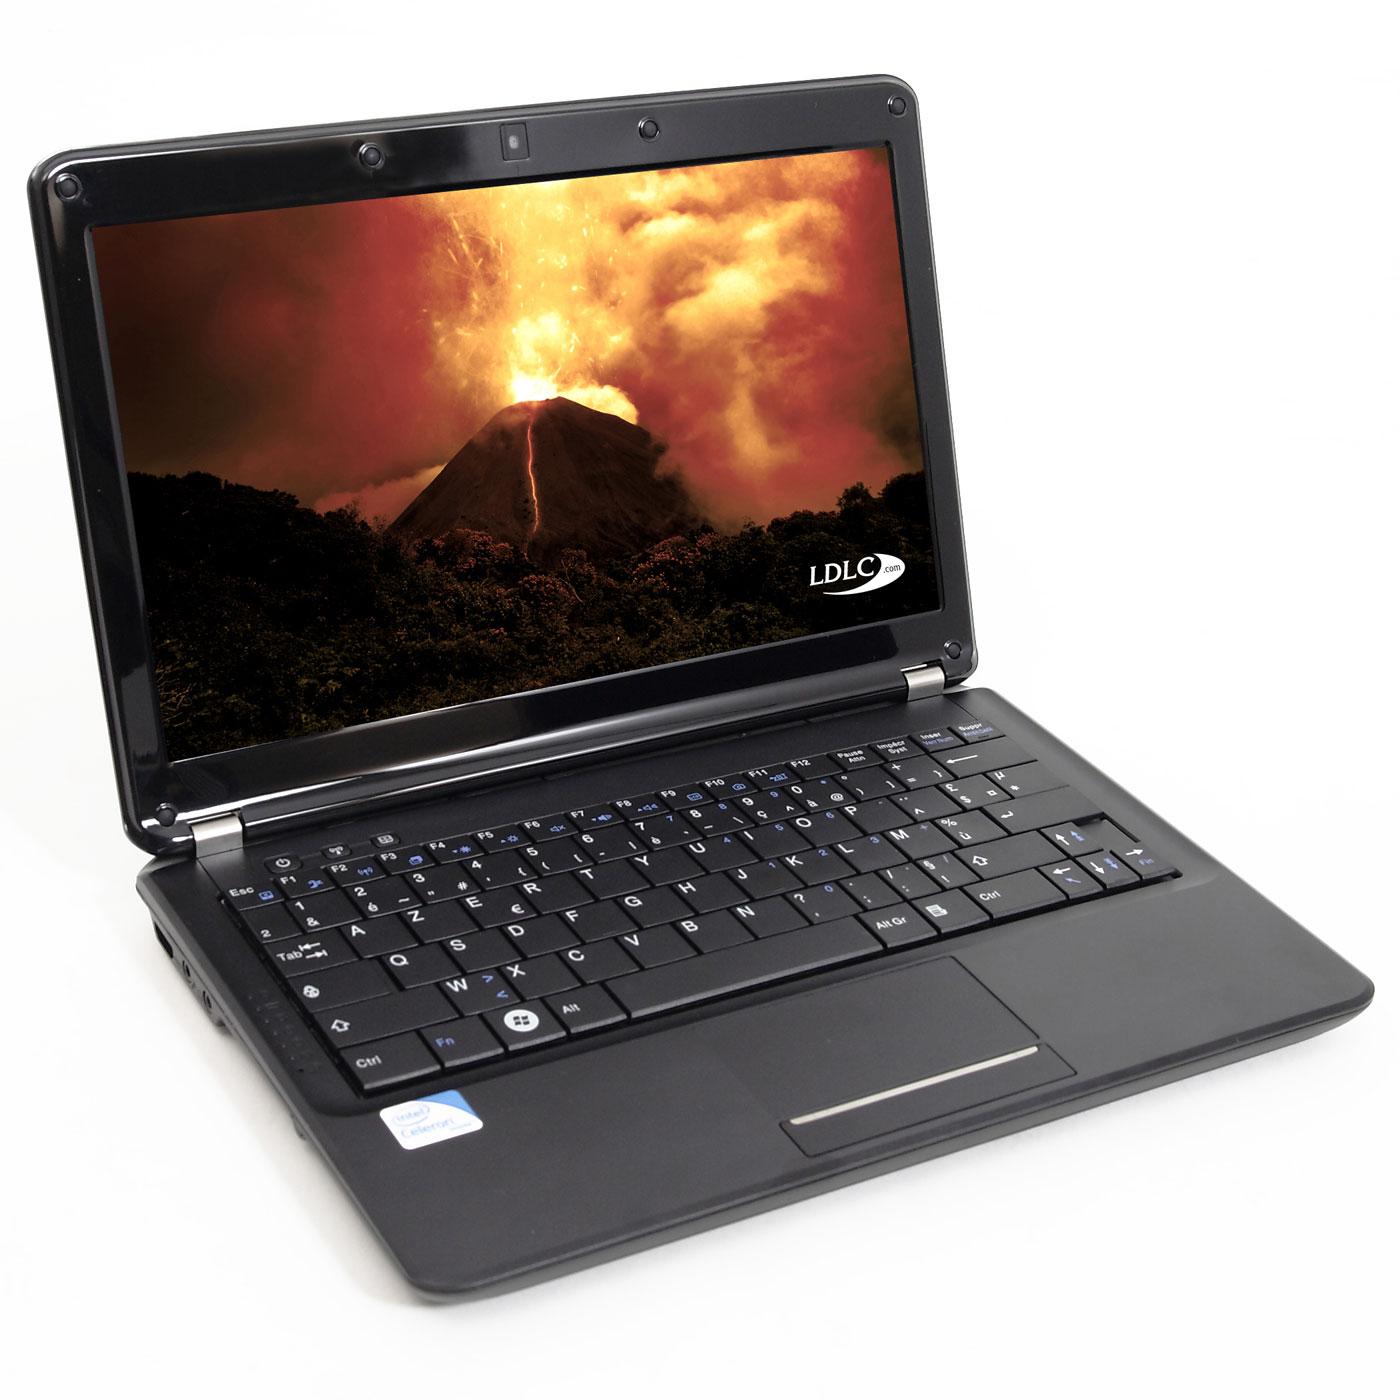 """PC portable LDLC Vulcain SM2-2-H75 Intel Core 2 Duo SU7300 2 Go 750 Go 11.6"""" LCD Wi-Fi N/Bluetooth Webcam (sans OS)"""